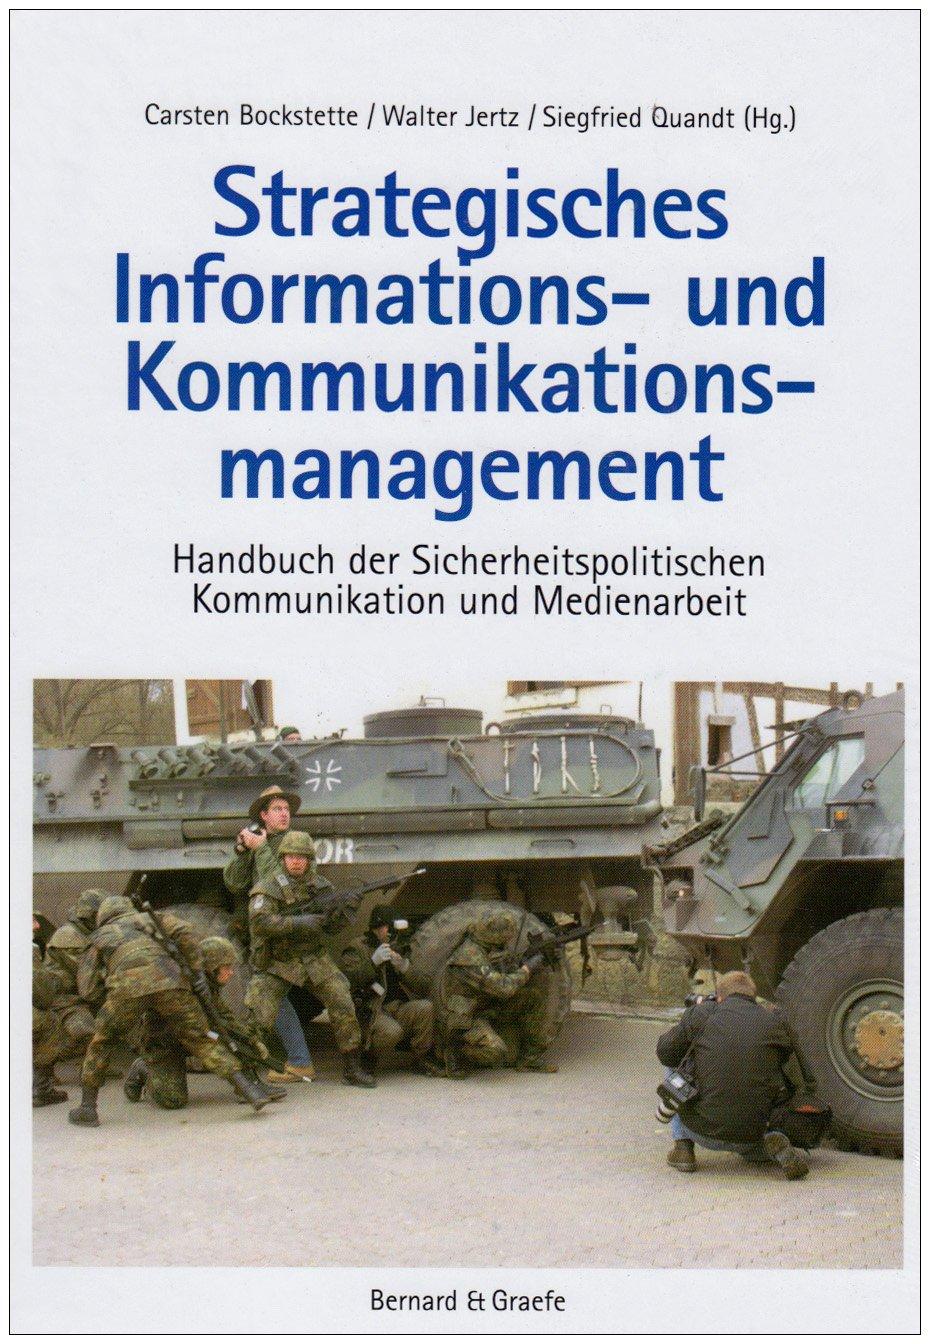 Strategisches Informations- und Kommunikationsmanagement: Handbuch der sicherheitspolitischen Kommunikation und Medienarbeit